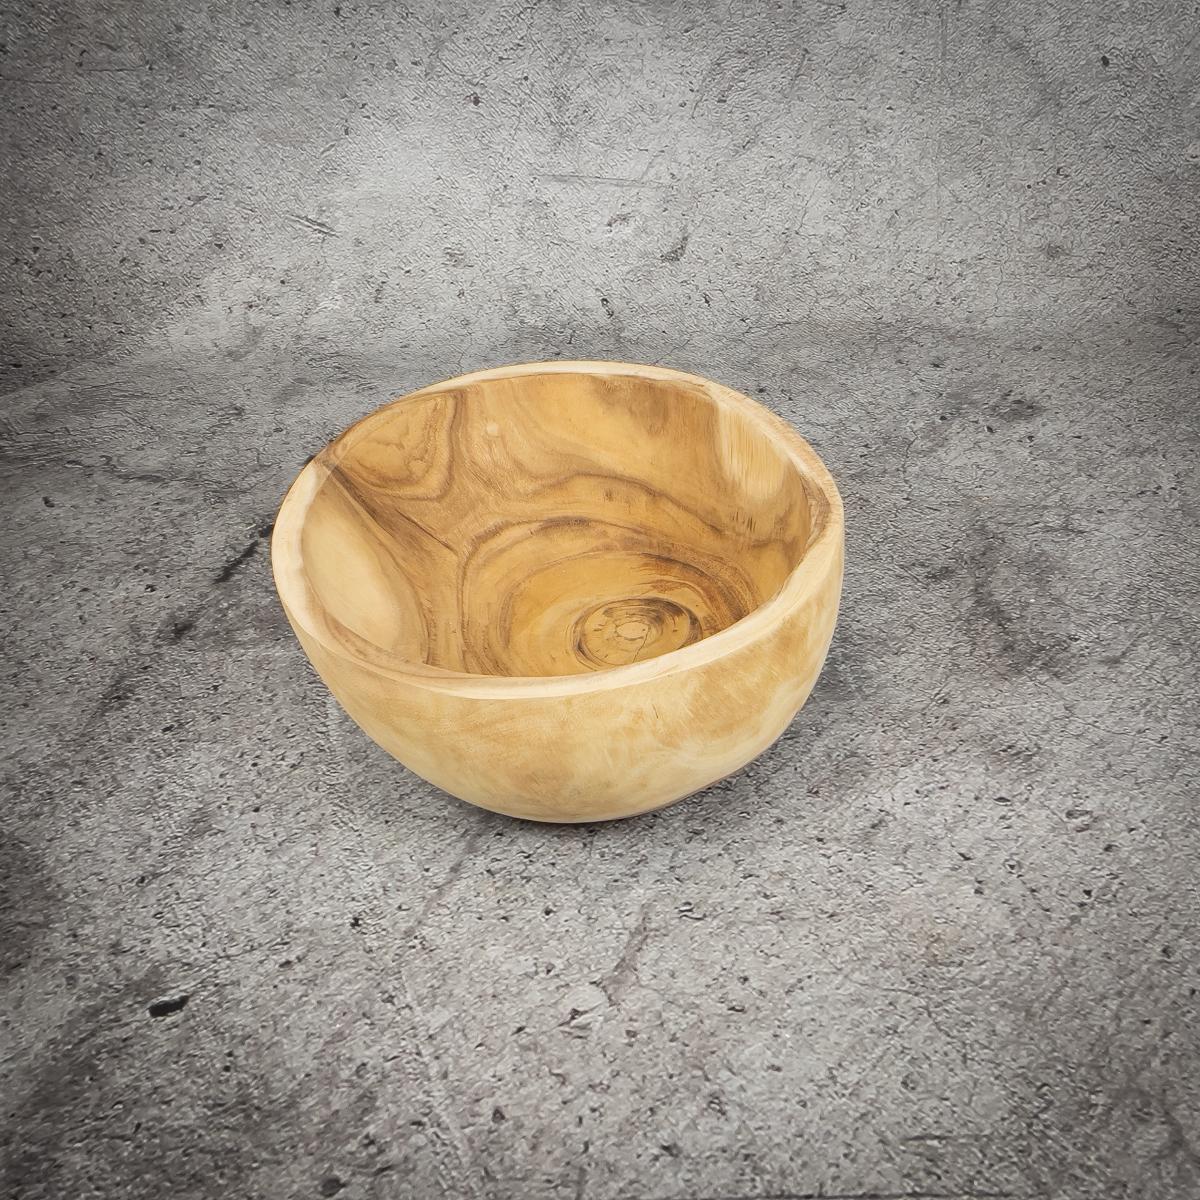 Bol redondo de madera de una pieza de 35x20cm (aprox)